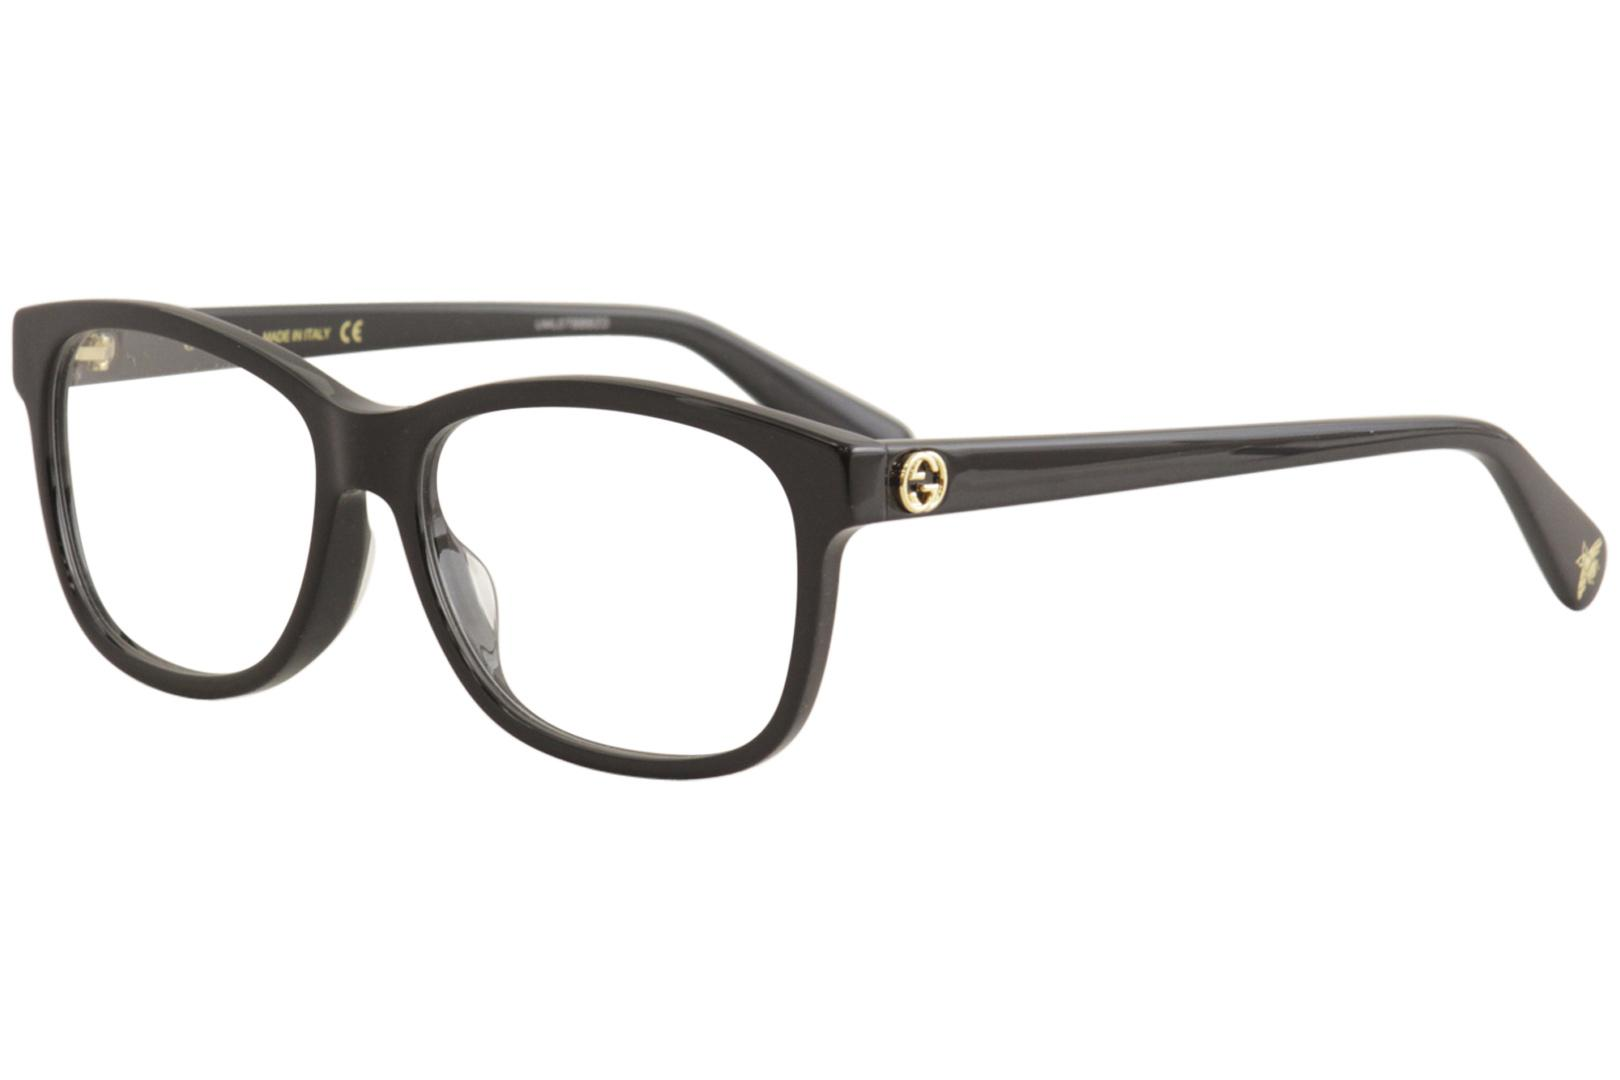 28f7cdde6104 Gucci Women's Eyeglasses GG0374OA GG/0374/OA Full Rim Optical Frame